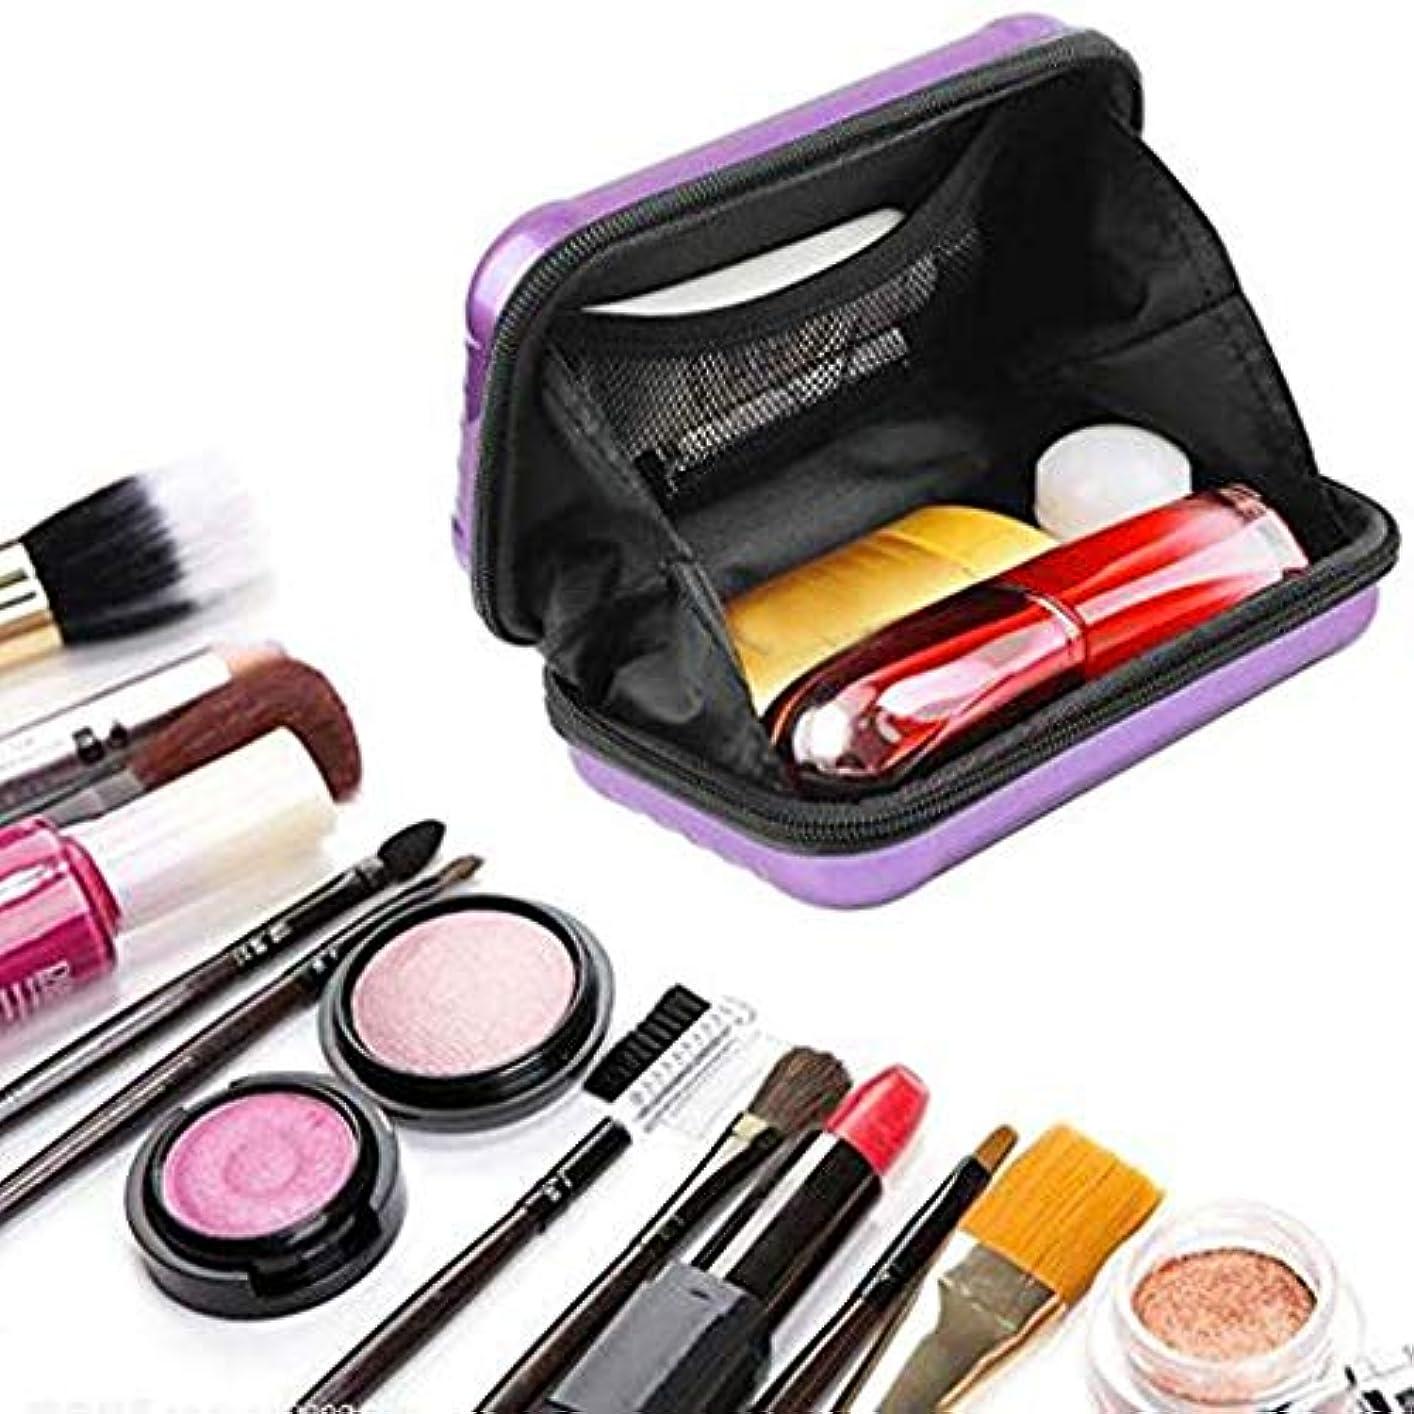 研究郵便物騙すミニポータブル旅行化粧品バッグ、女性のための防水/クラッシュ防止化粧バッグ、スーツケース化粧品ハンドバッグ (紫の)